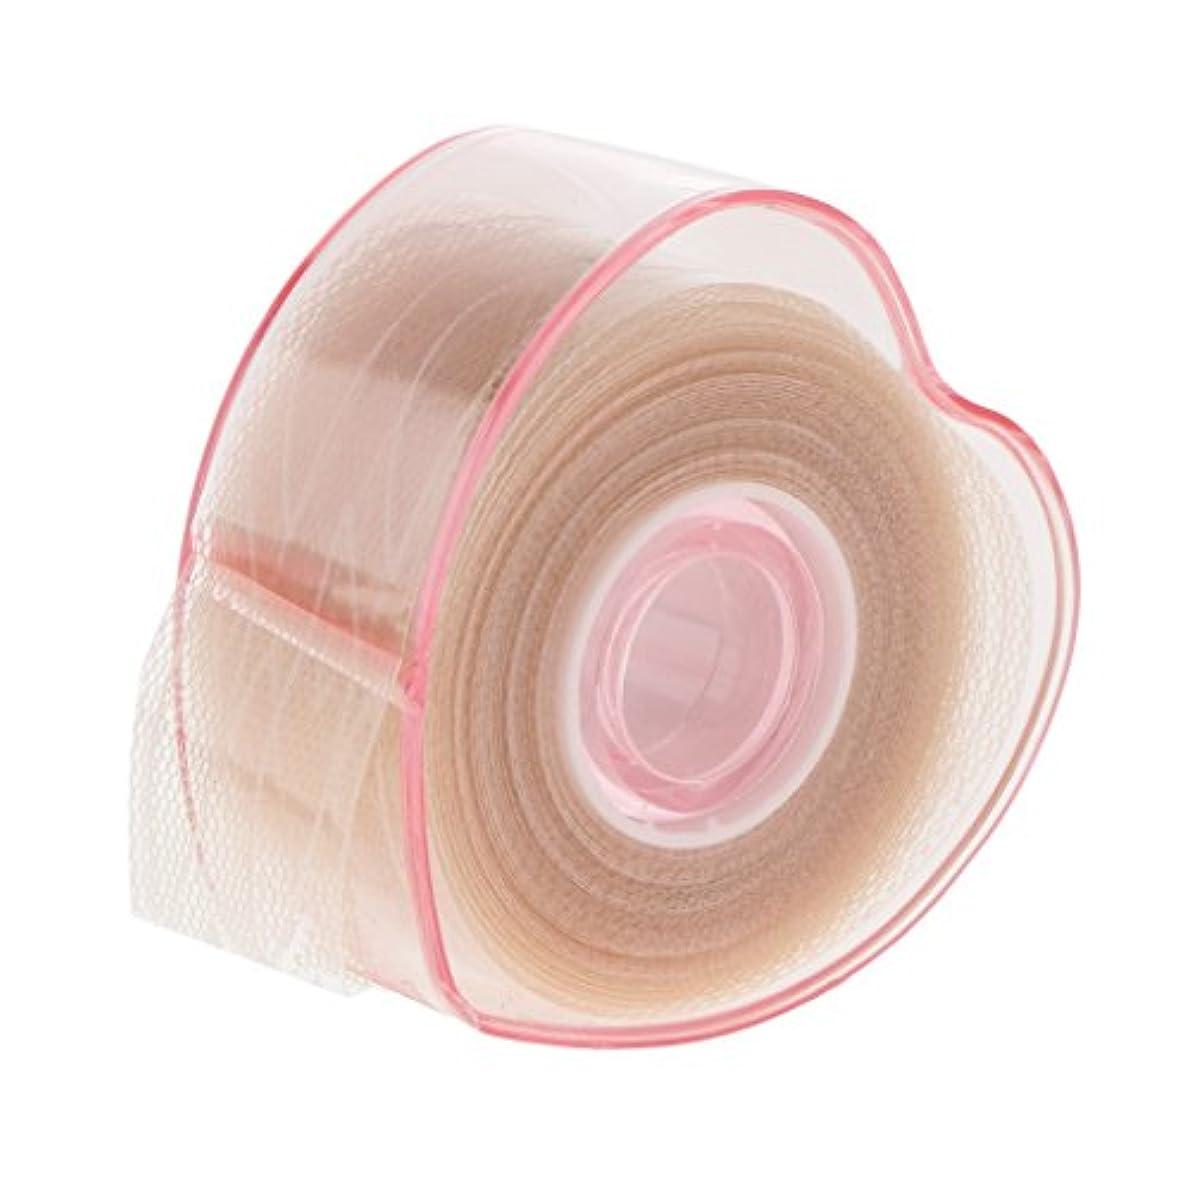 非難する追記二十二重まぶたロール まつ毛テープロール 二重まぶた 繊維 レース メッシュ テッカー 粘着性なし メイクアップ 4タイプ選べる - 図示のように, 説明したように